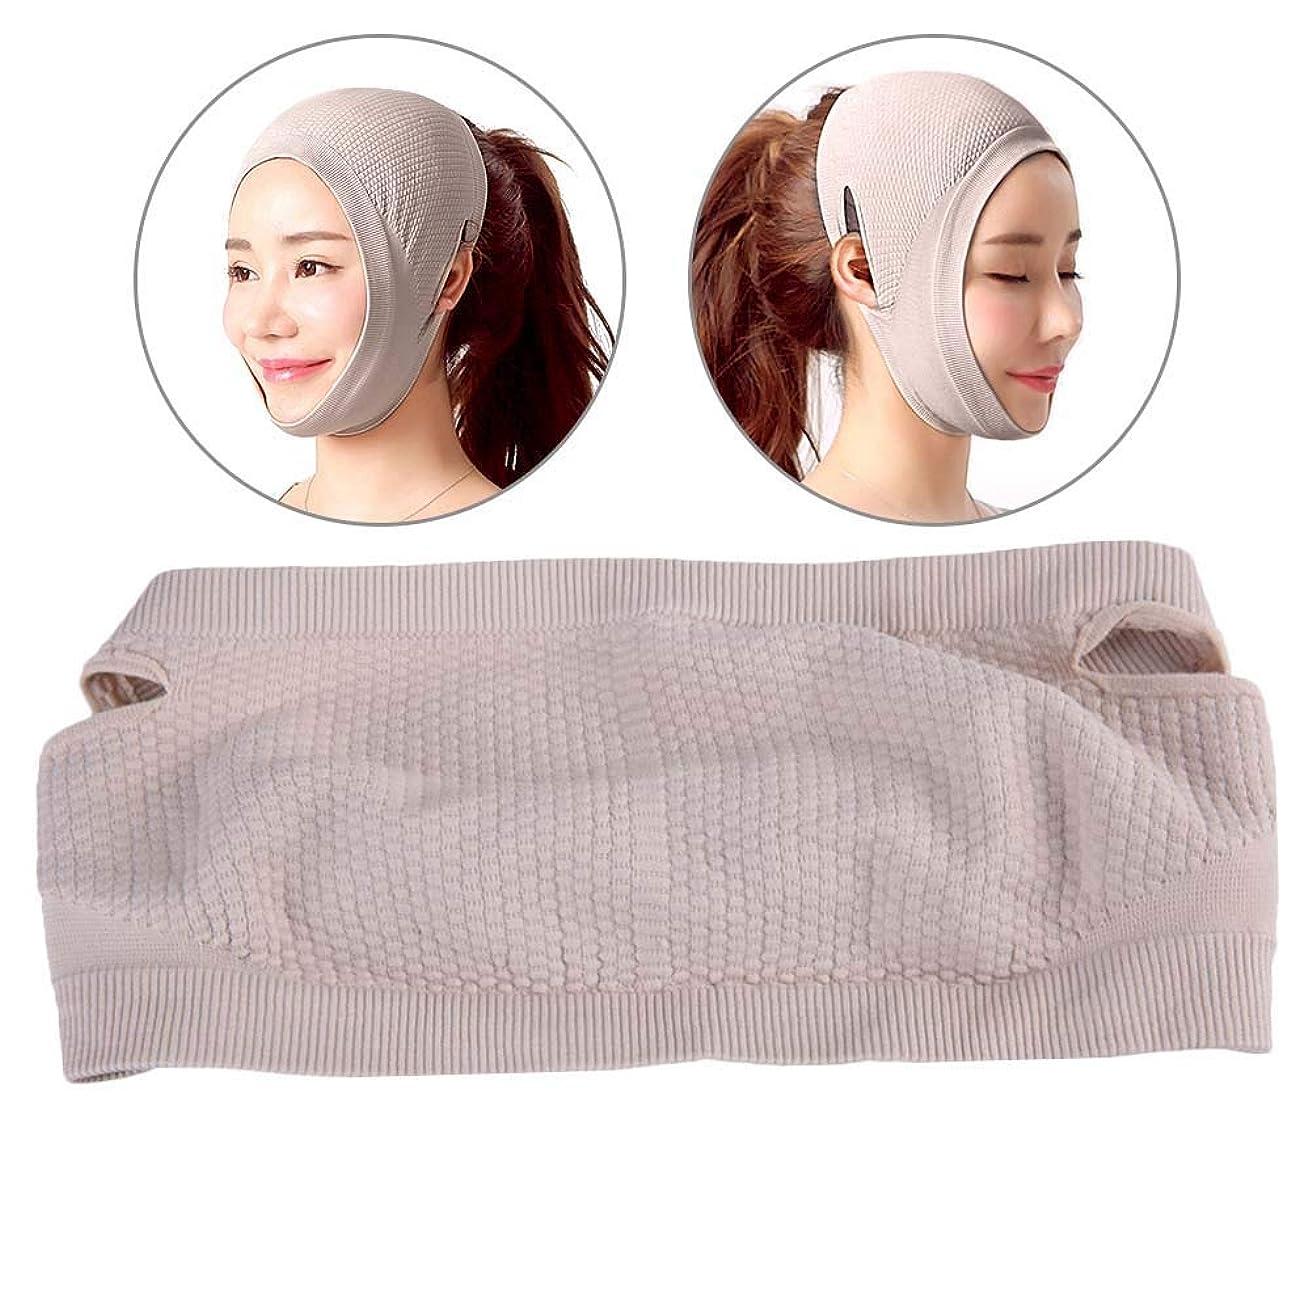 相互パケットリズム顔の輪郭を改善するVフェイス美容包帯 フェイシャルリフティングマスク、露出耳のデザイン/通気性/伸縮性/副作用なし